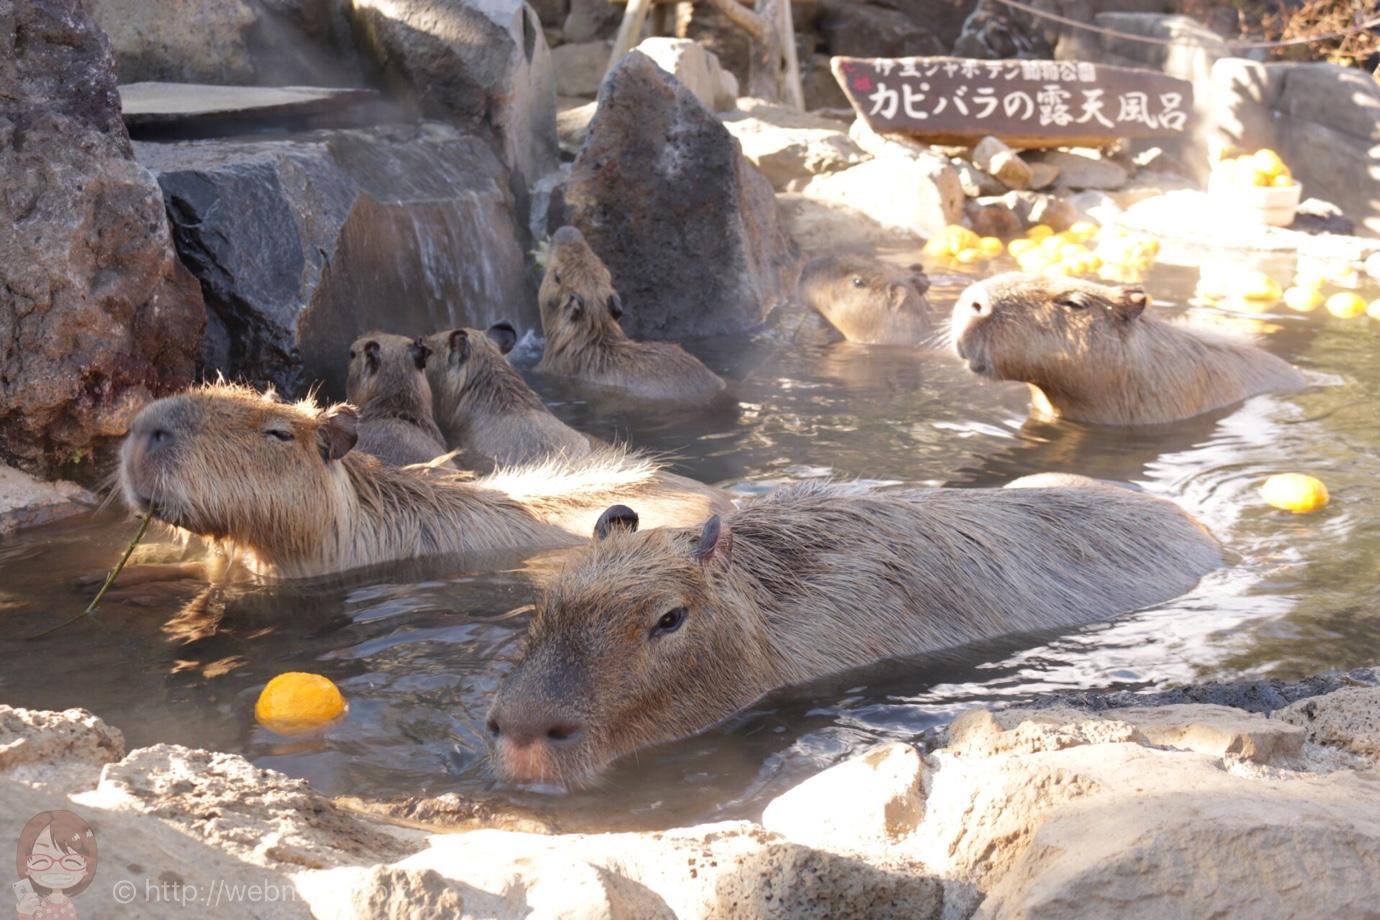 伊豆「シャボテン動物公園」の元祖カピバラの露天風呂が可愛すぎ!まさに癒しの極み